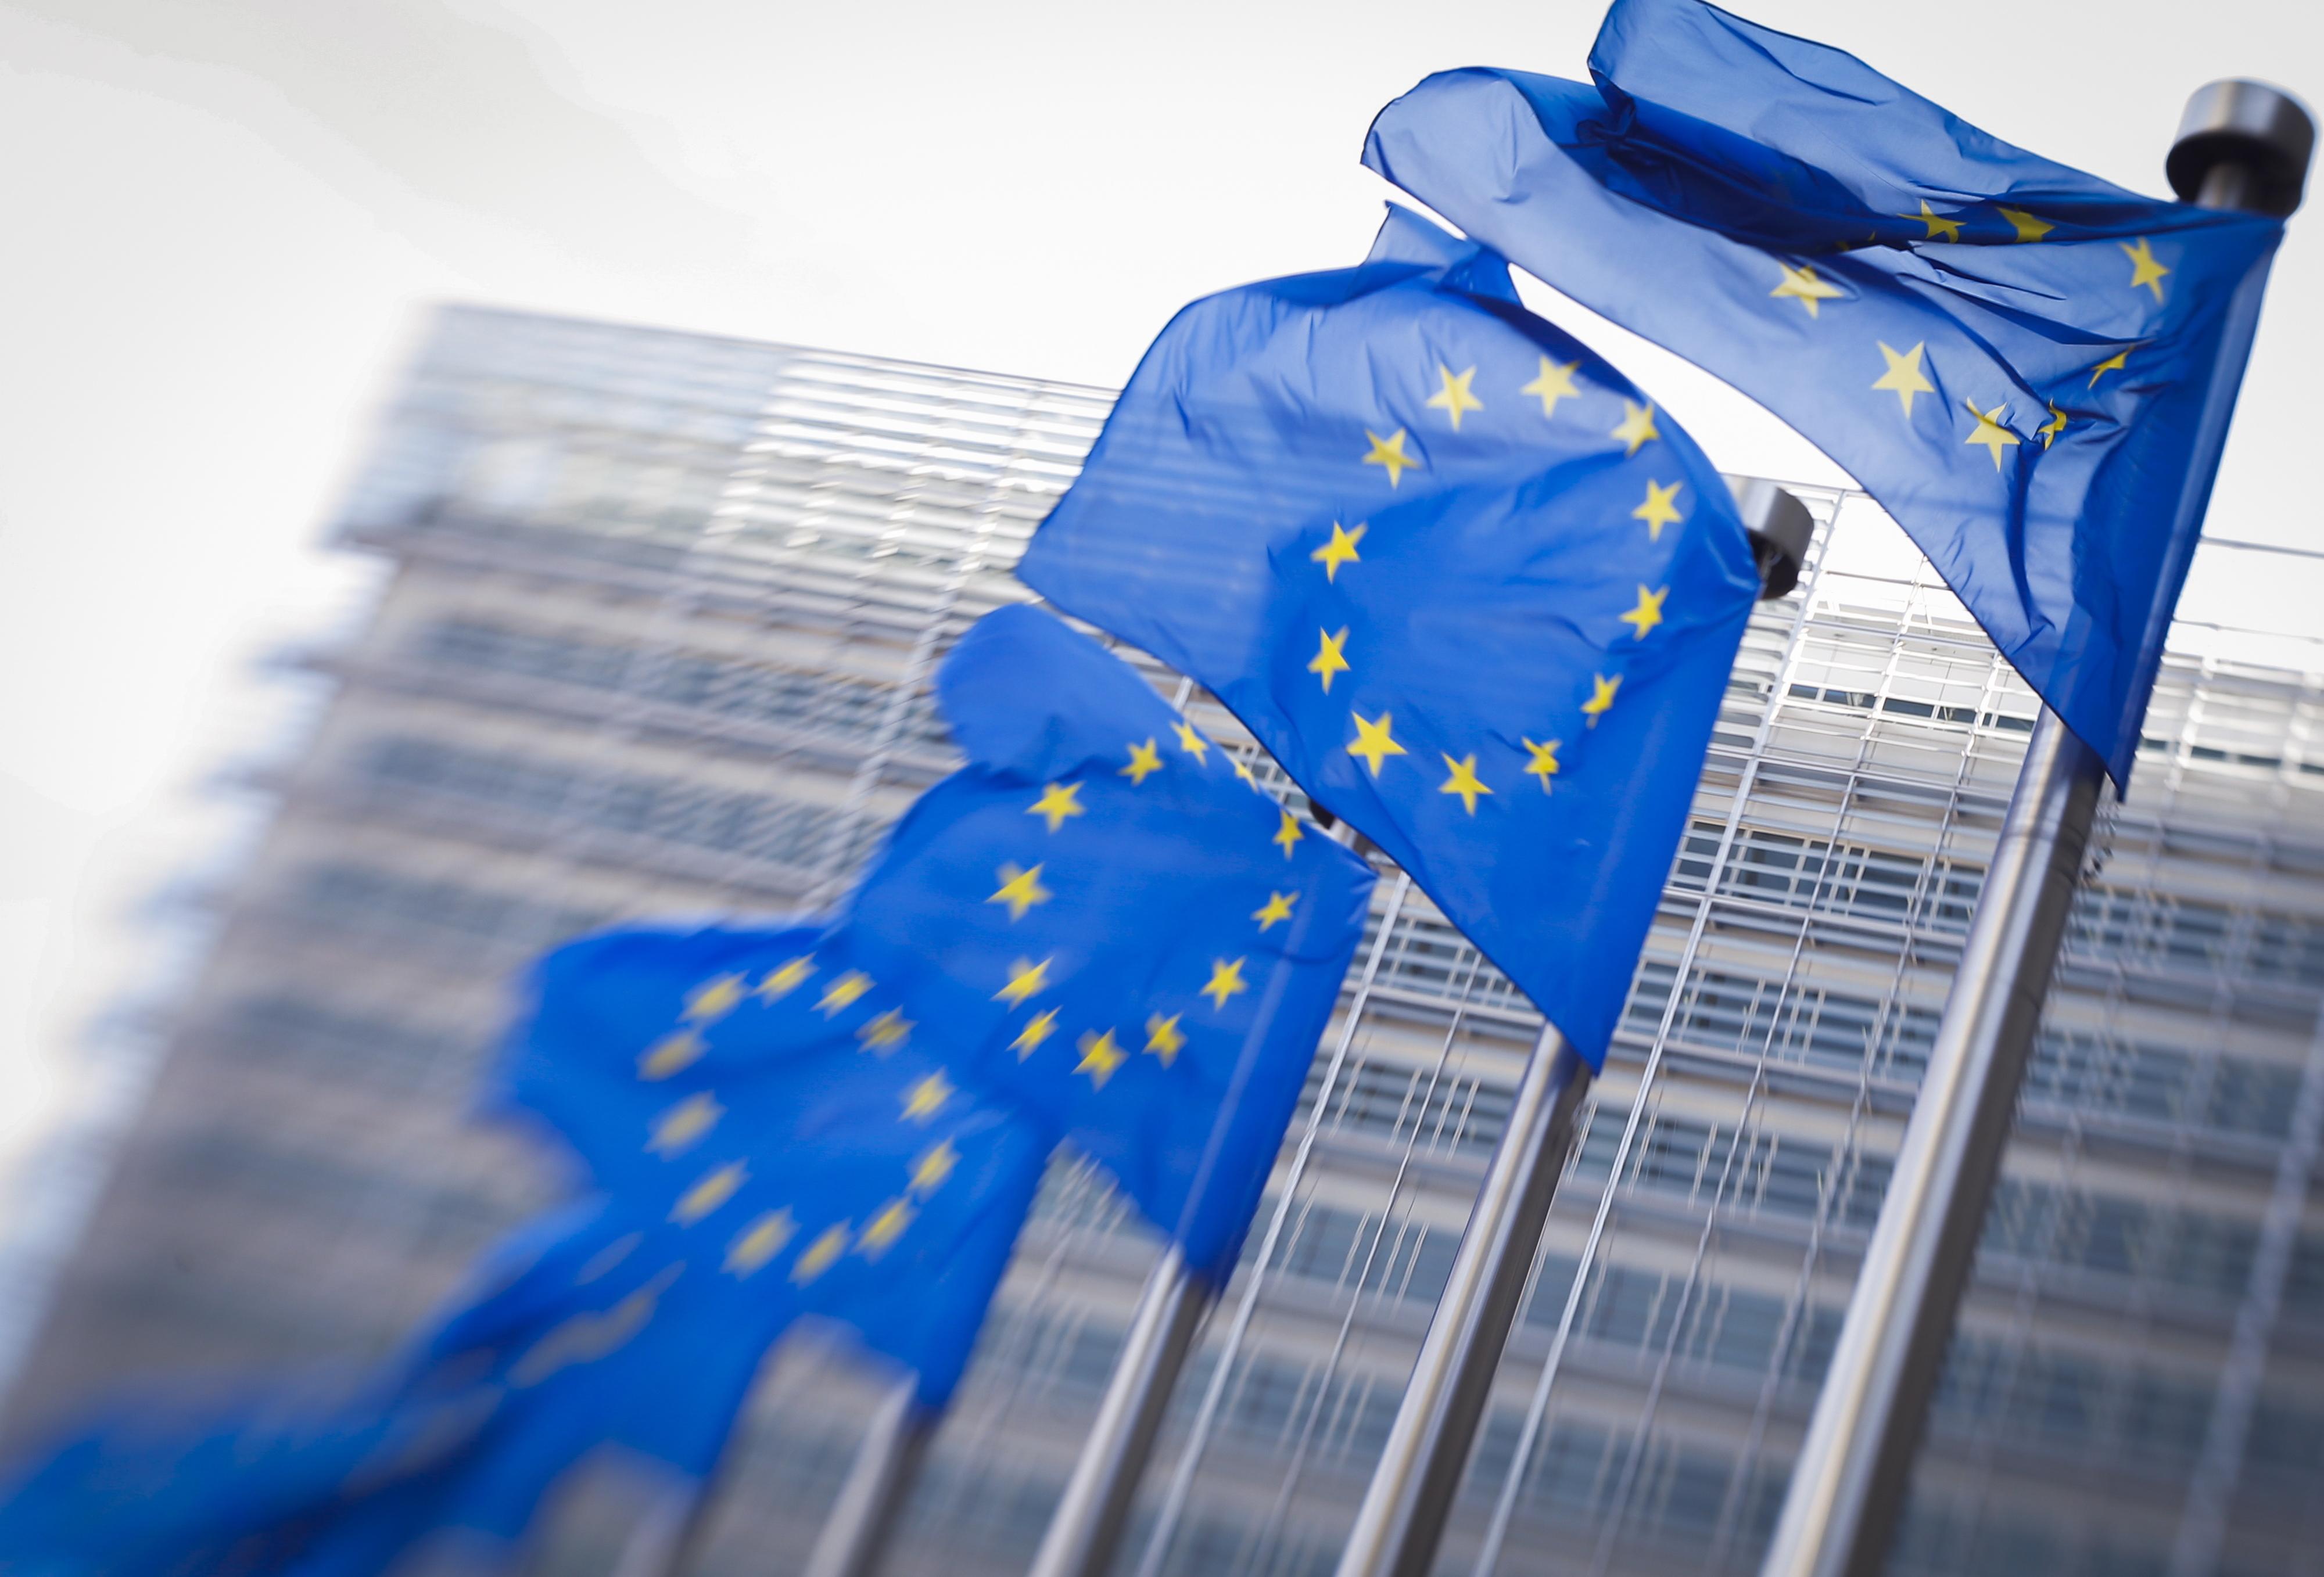 UE avisa Ancara sobre prospeções ilegais no Mediterrâneo